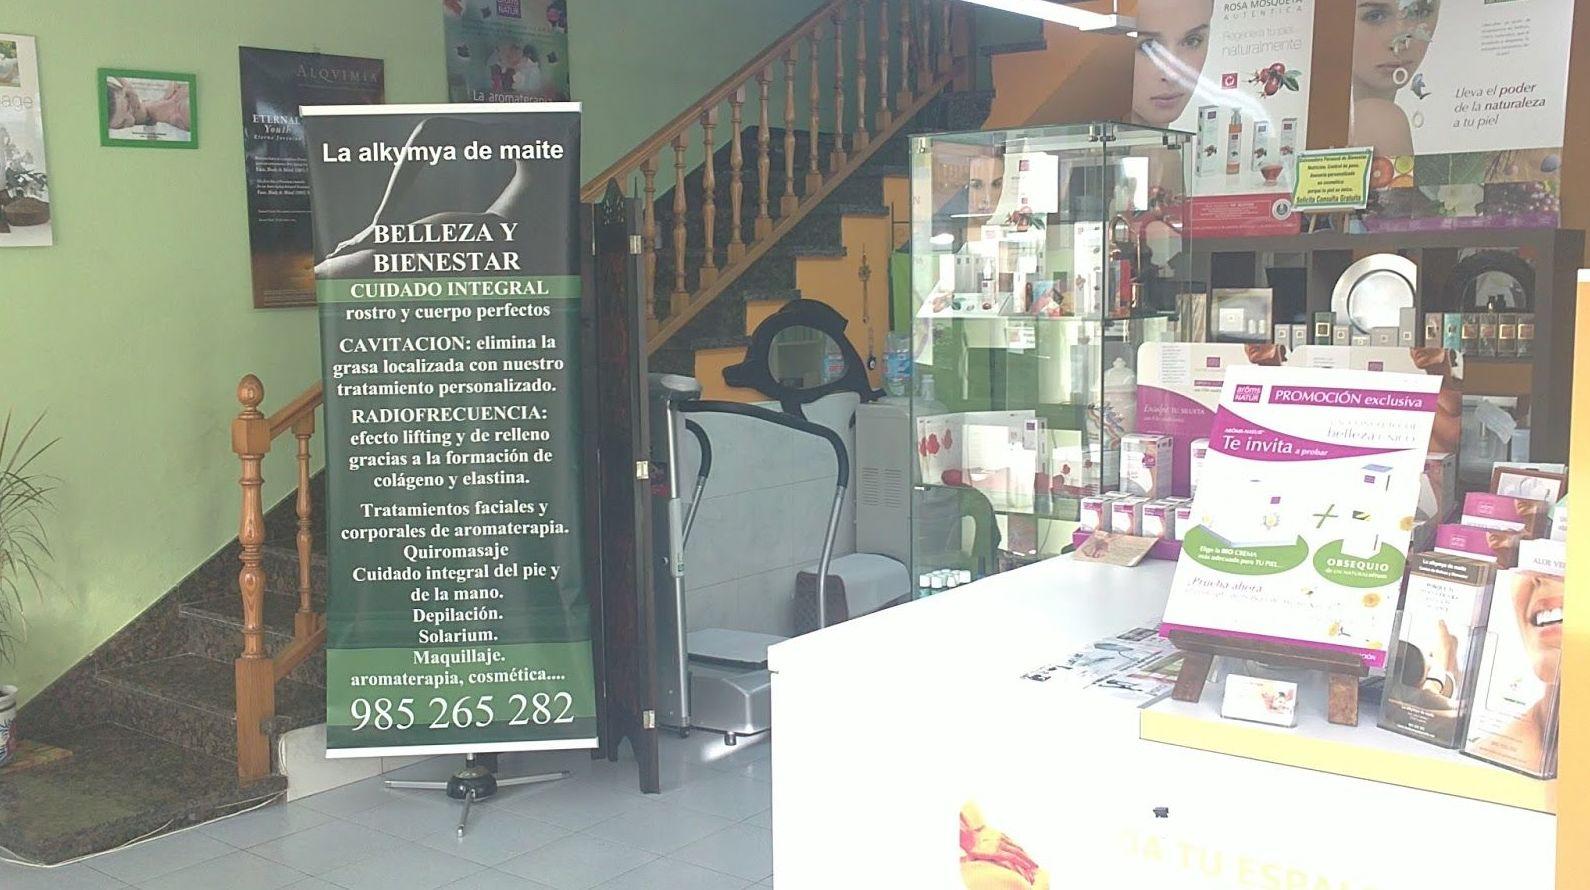 Nuestra tienda de productos de belleza y bienestar